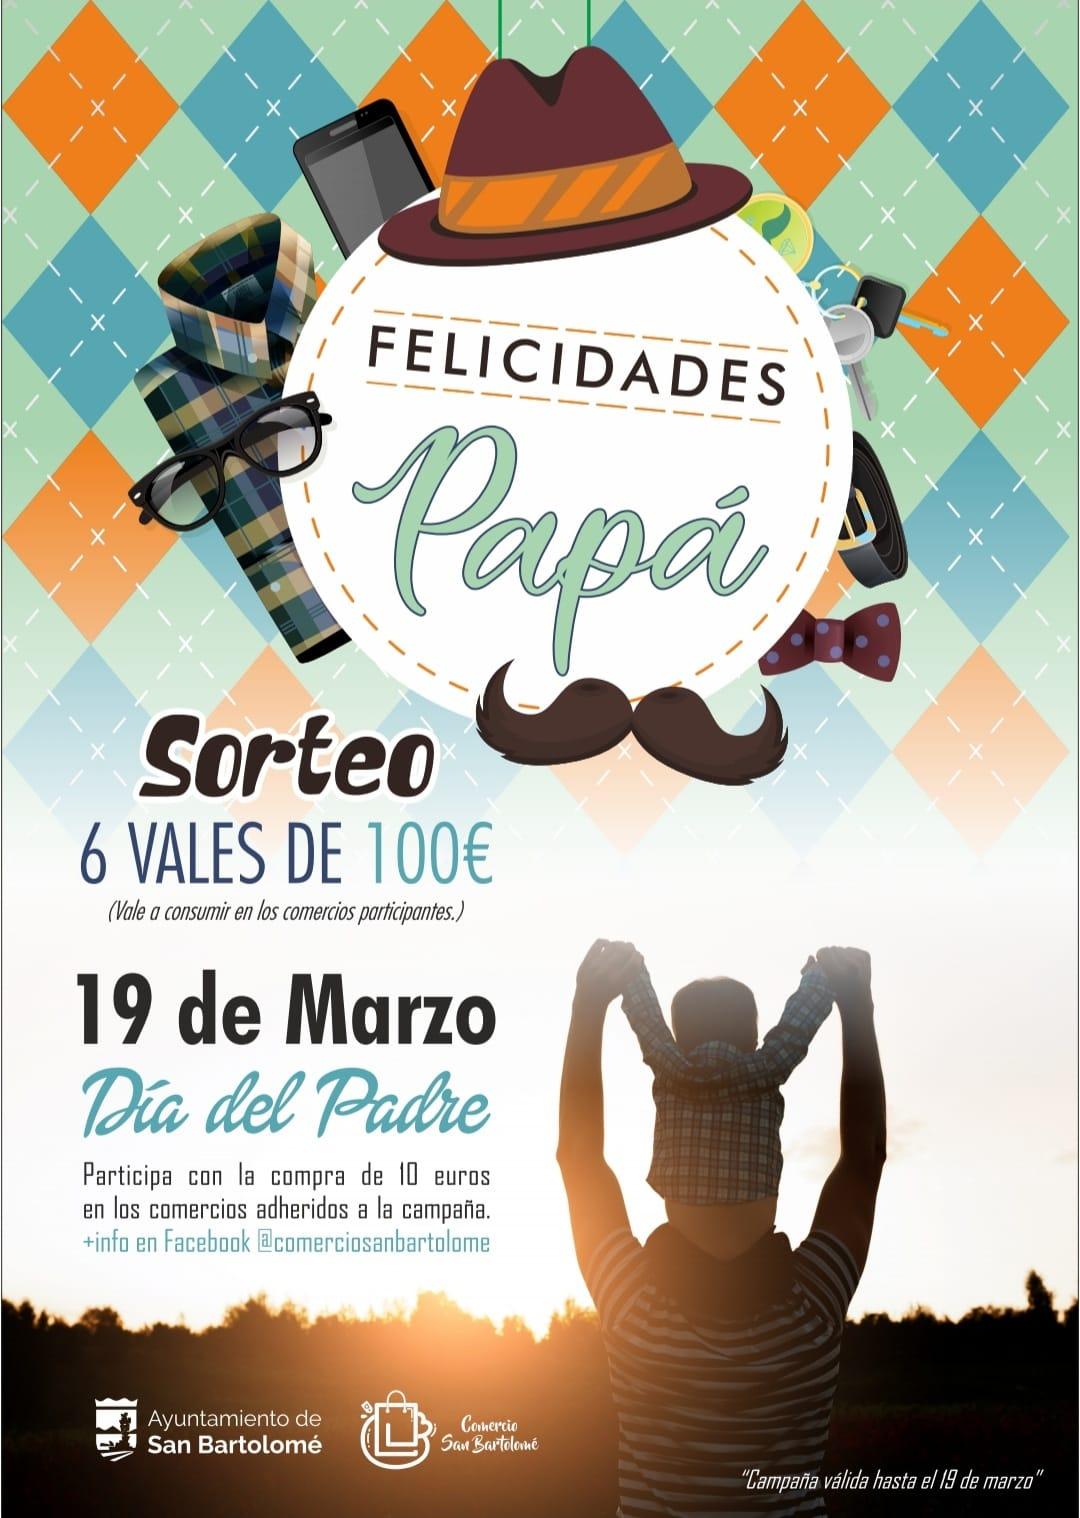 """La campaña del Ayuntamiento de San Bartolomé """"Felicidades Papá"""" promociona al comercio local"""